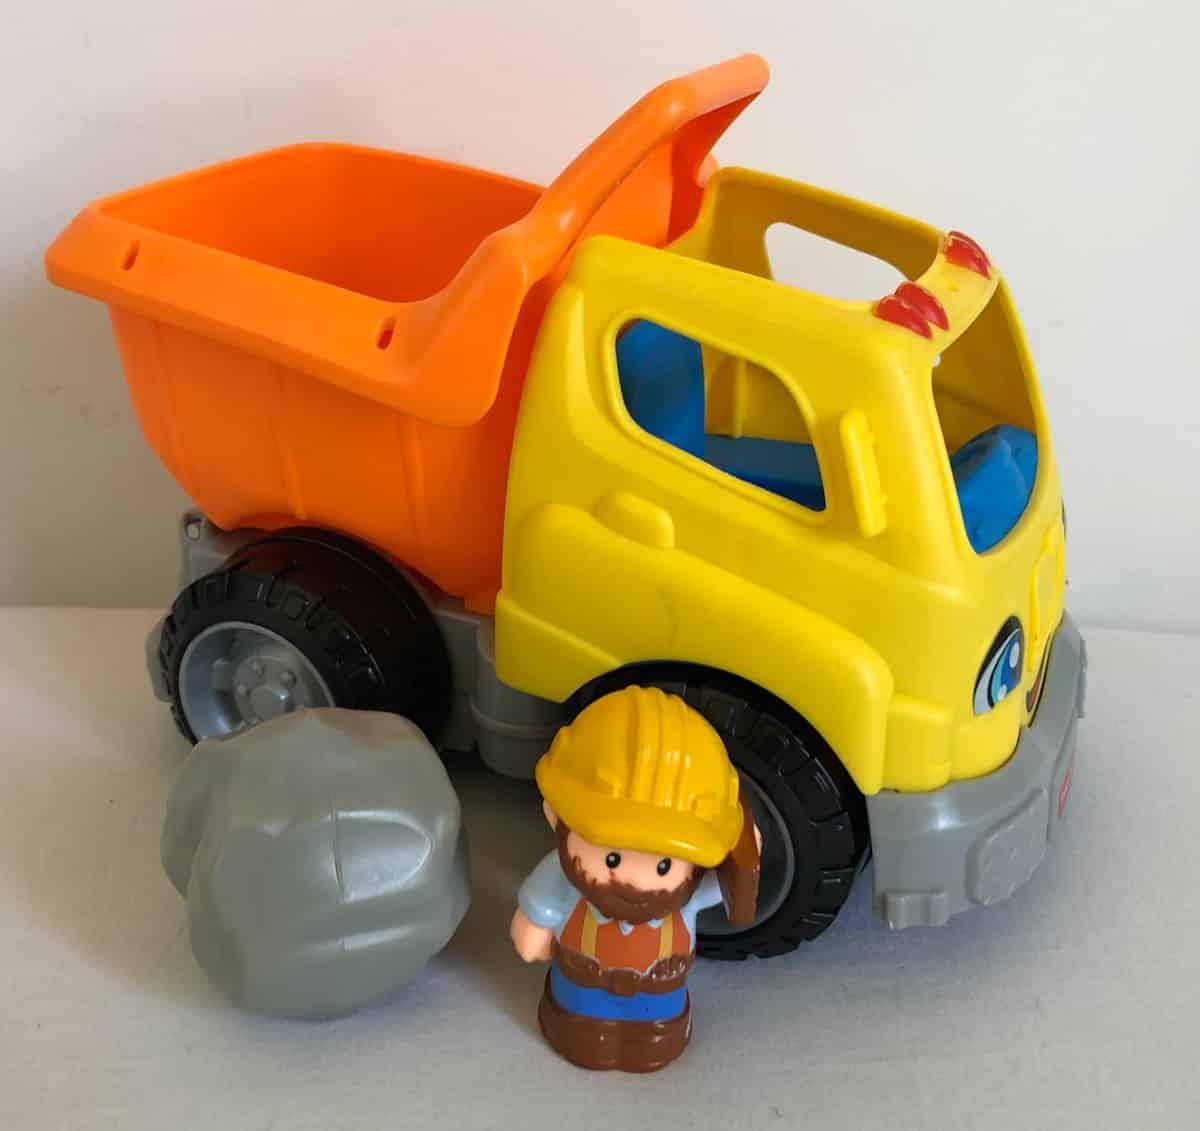 Little People Dump Truck